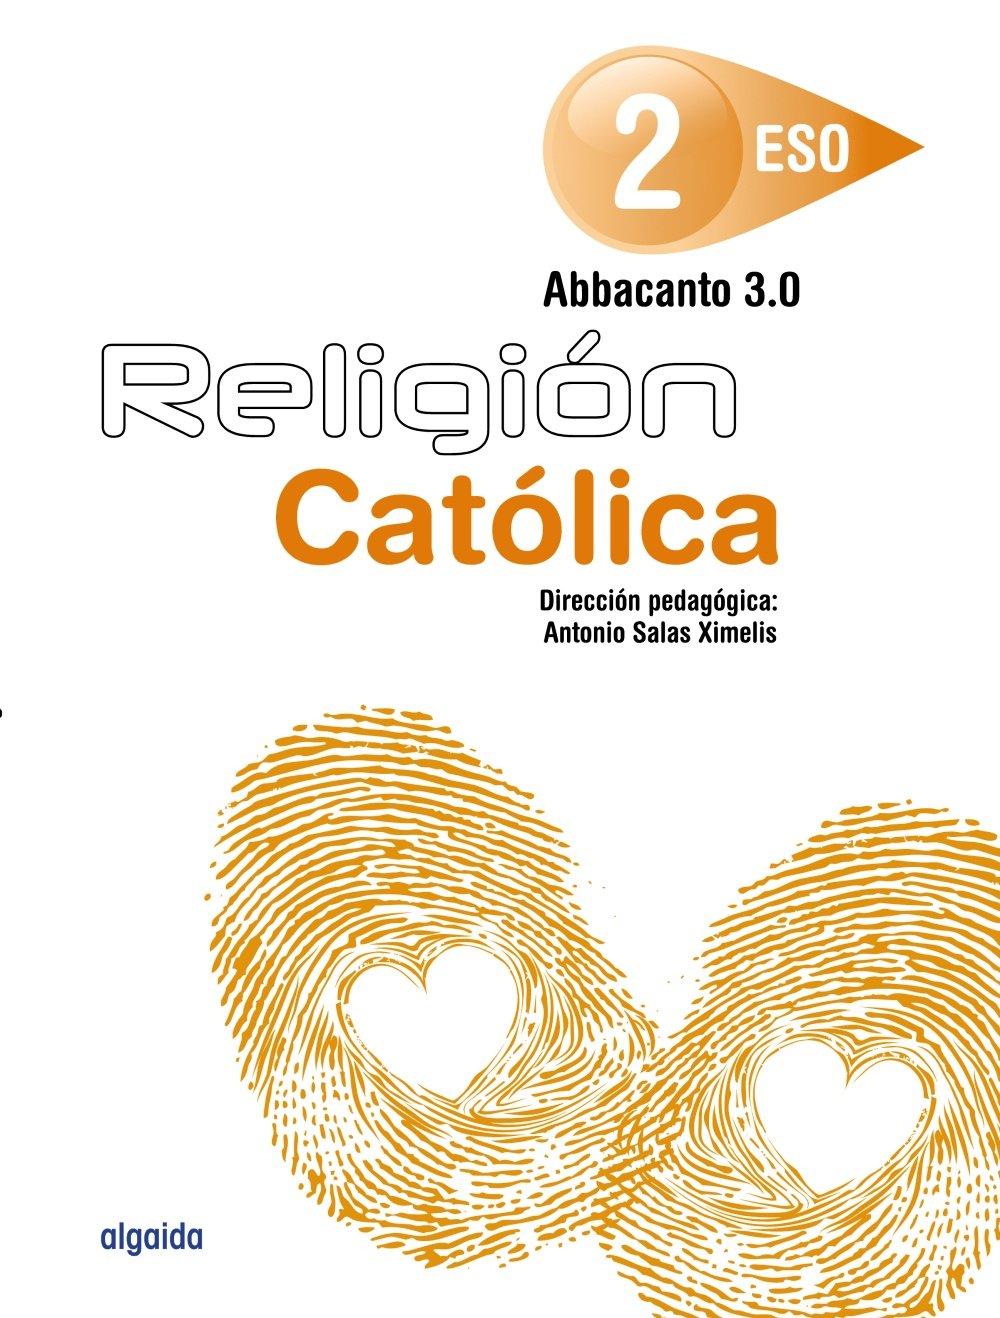 2º ESO - 9788490676554: Amazon.es: Antonio Salas Ximelis, Jesús Nieto  Catalinas, Miguel Ángel Majo Delgado, Silvia Aznar Guerri: Libros